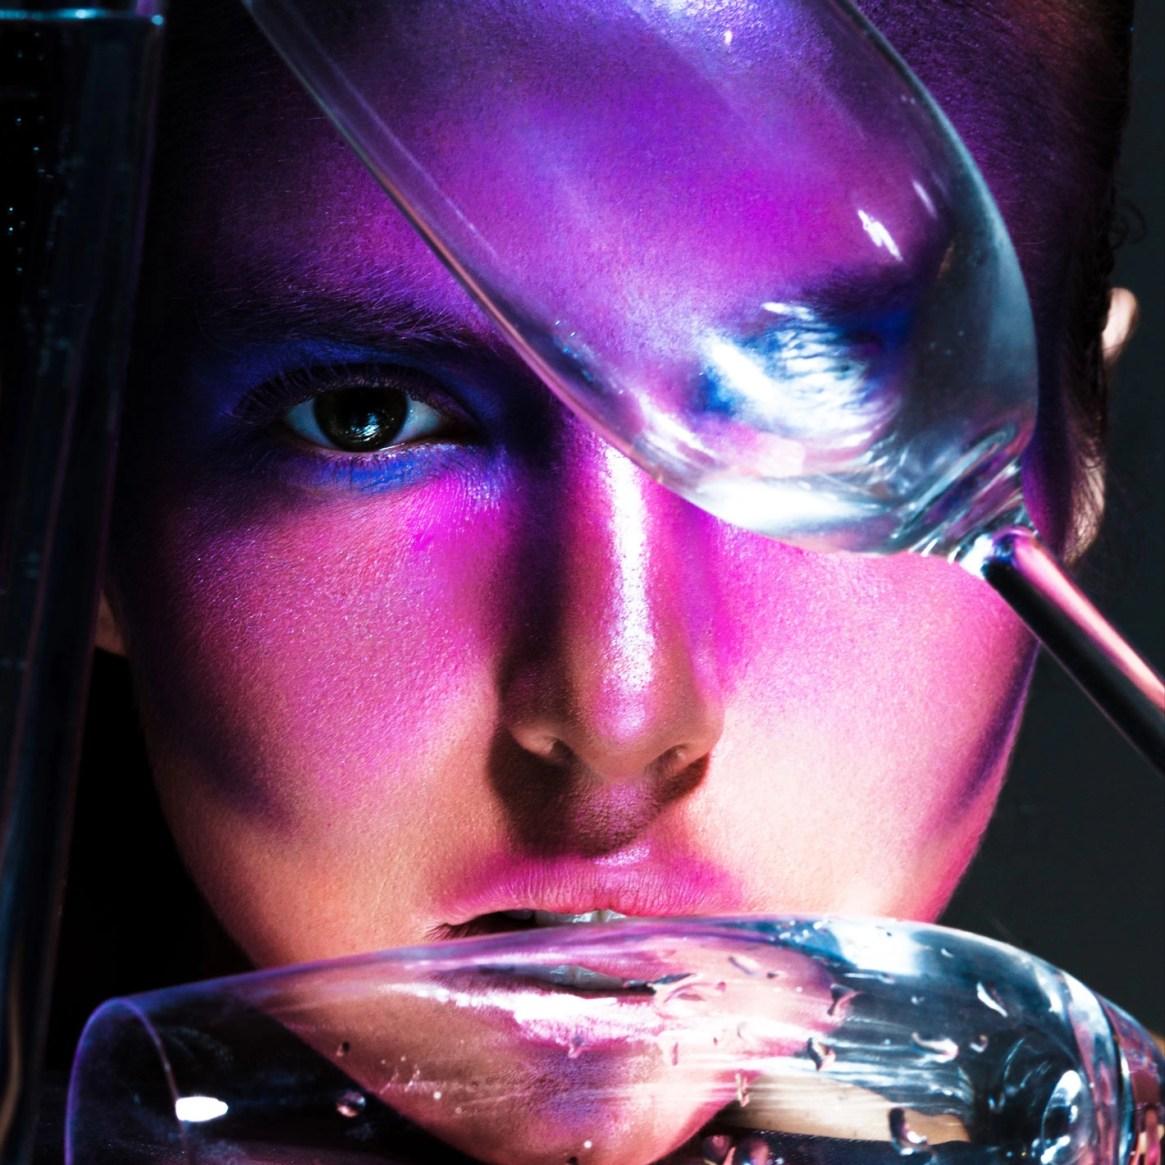 Heart of Glass FLESH Magazine Photo Veronica Formos, Make Up & Hair Amenjot Minhas